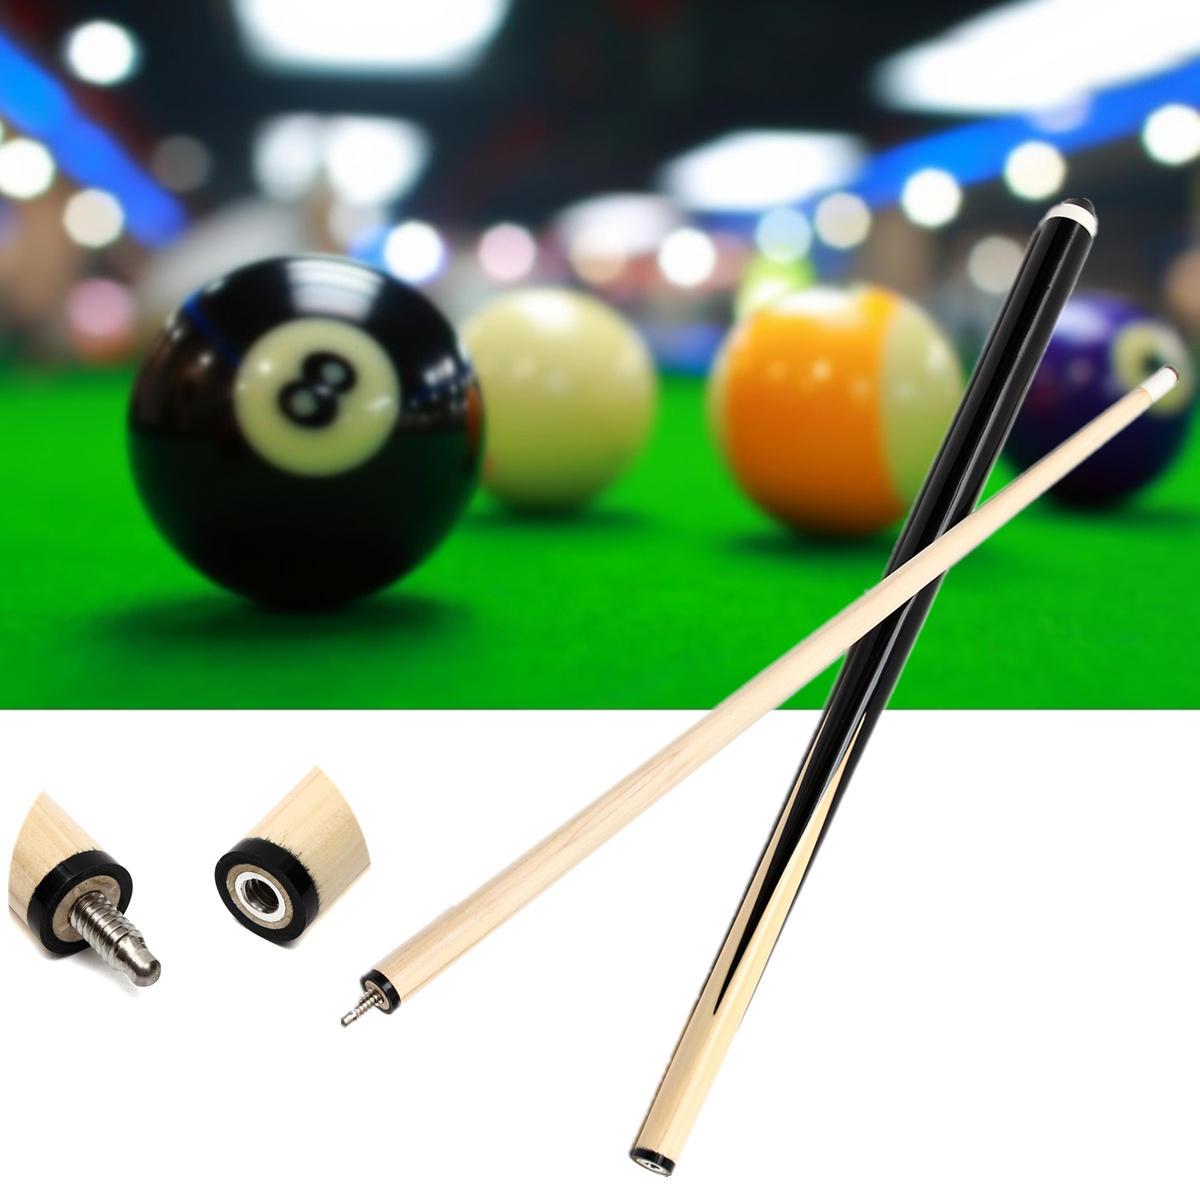 1 Unids 48 pulgadas Corta De Madera Piscina Billar Palo Snooker Cue Table Tennis Rod